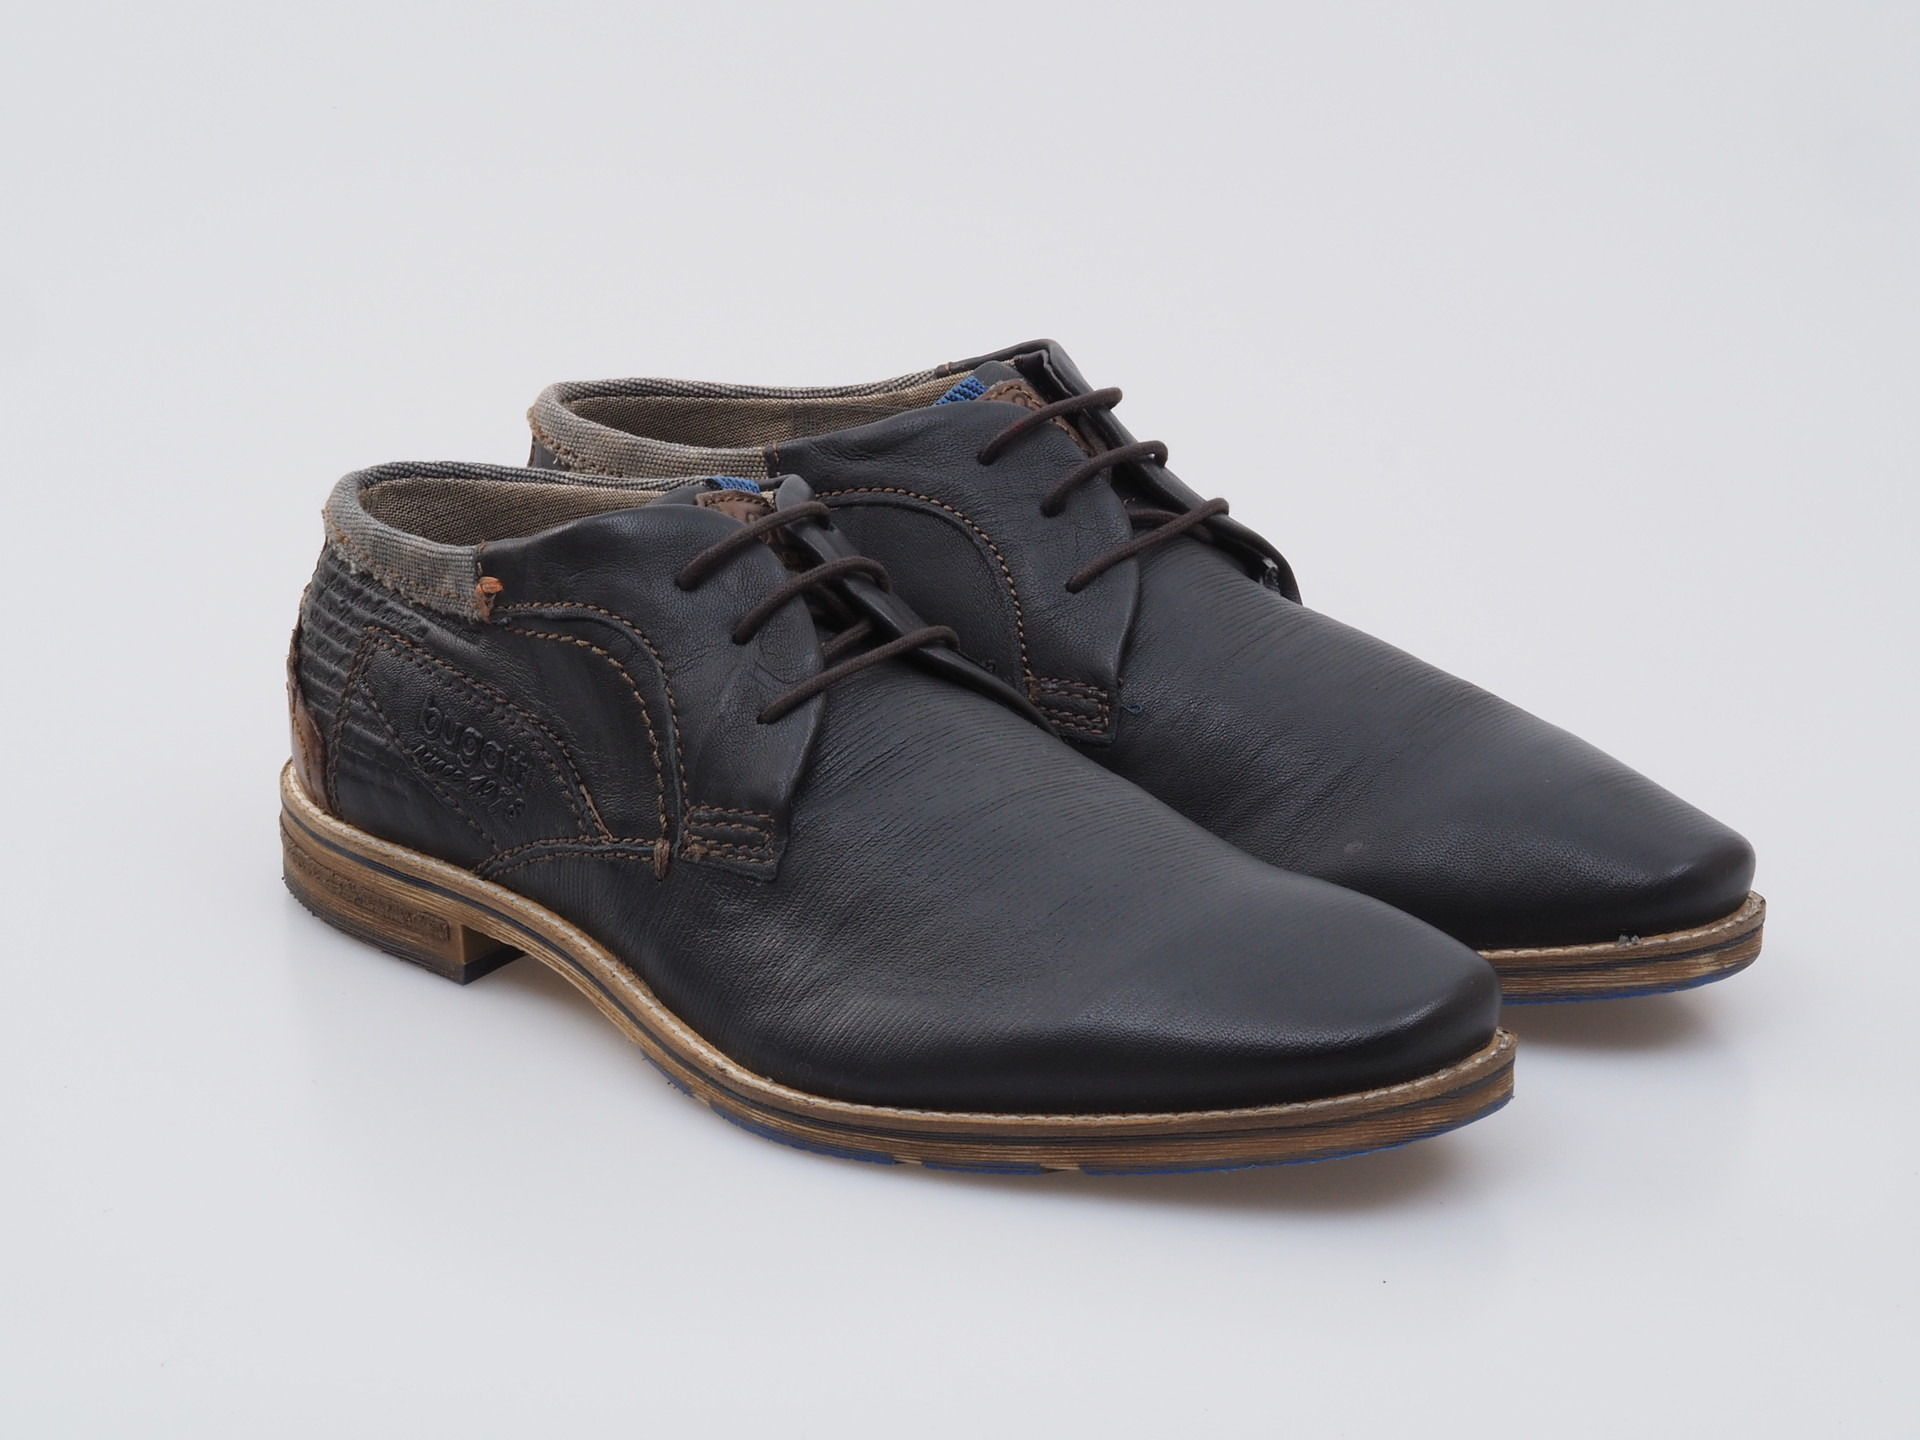 Soňa - Pánska obuv - Poltopánky - Bugatti pánska obuv 6c5629713da